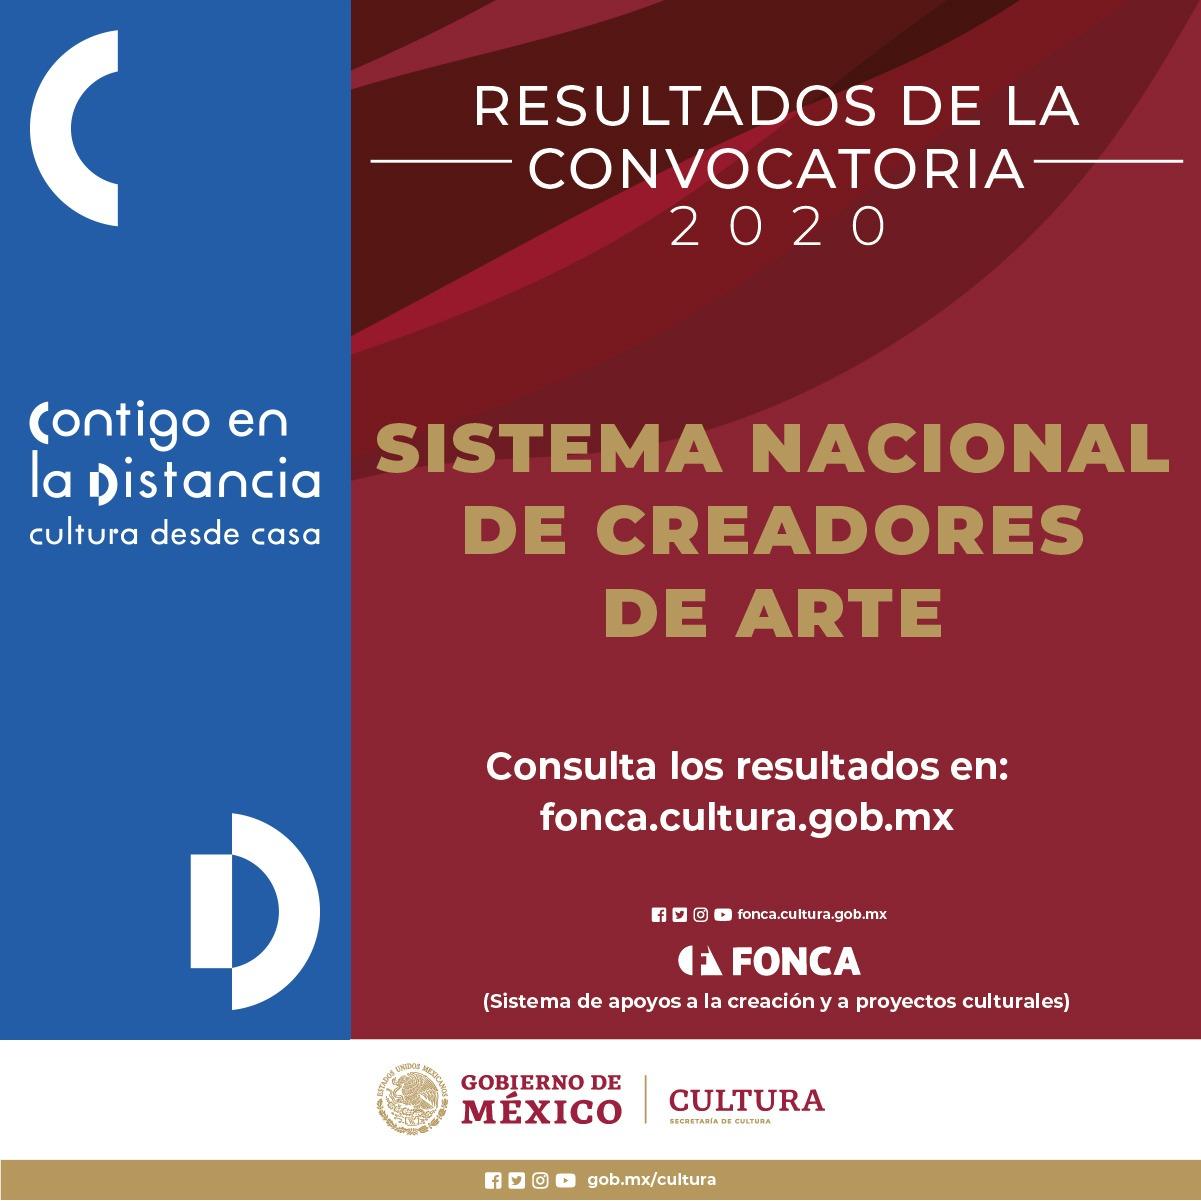 Fonca da a conocer resultados del Sistema  Nacional de Creadores de Arte 2020